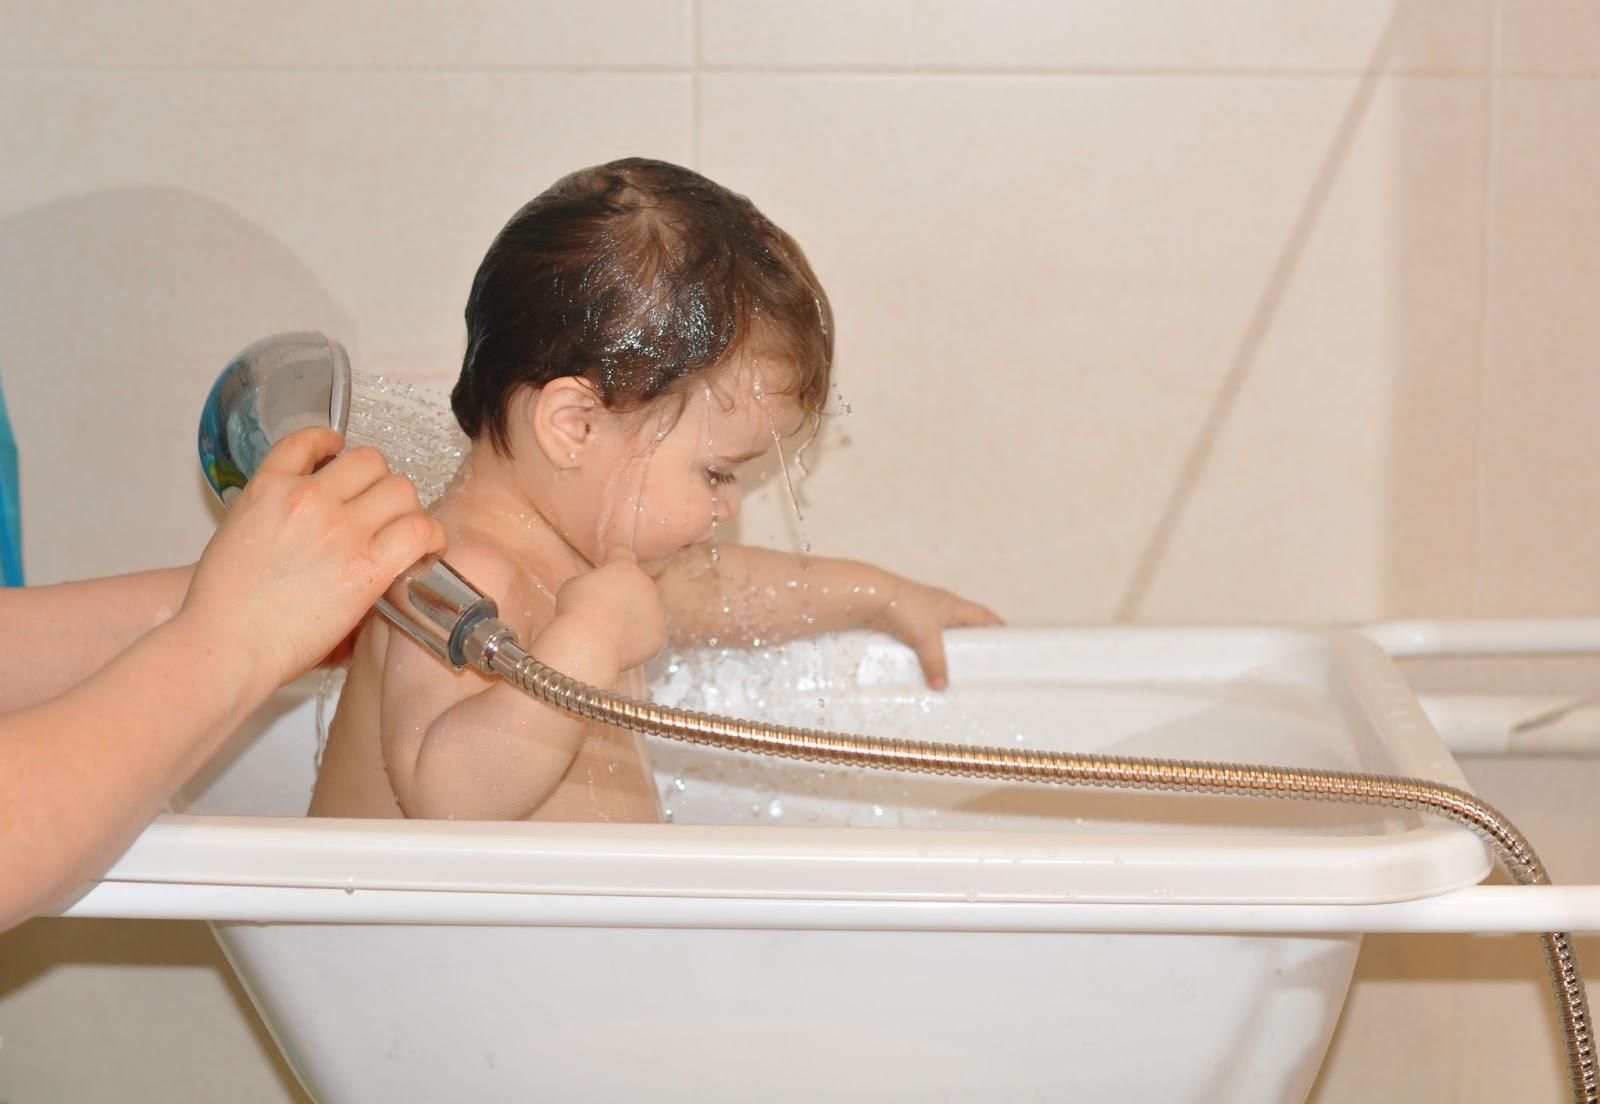 Mama pediatra y m s imprescindibles para el ba o la ba era - Baneras de bebe para plato de ducha ...